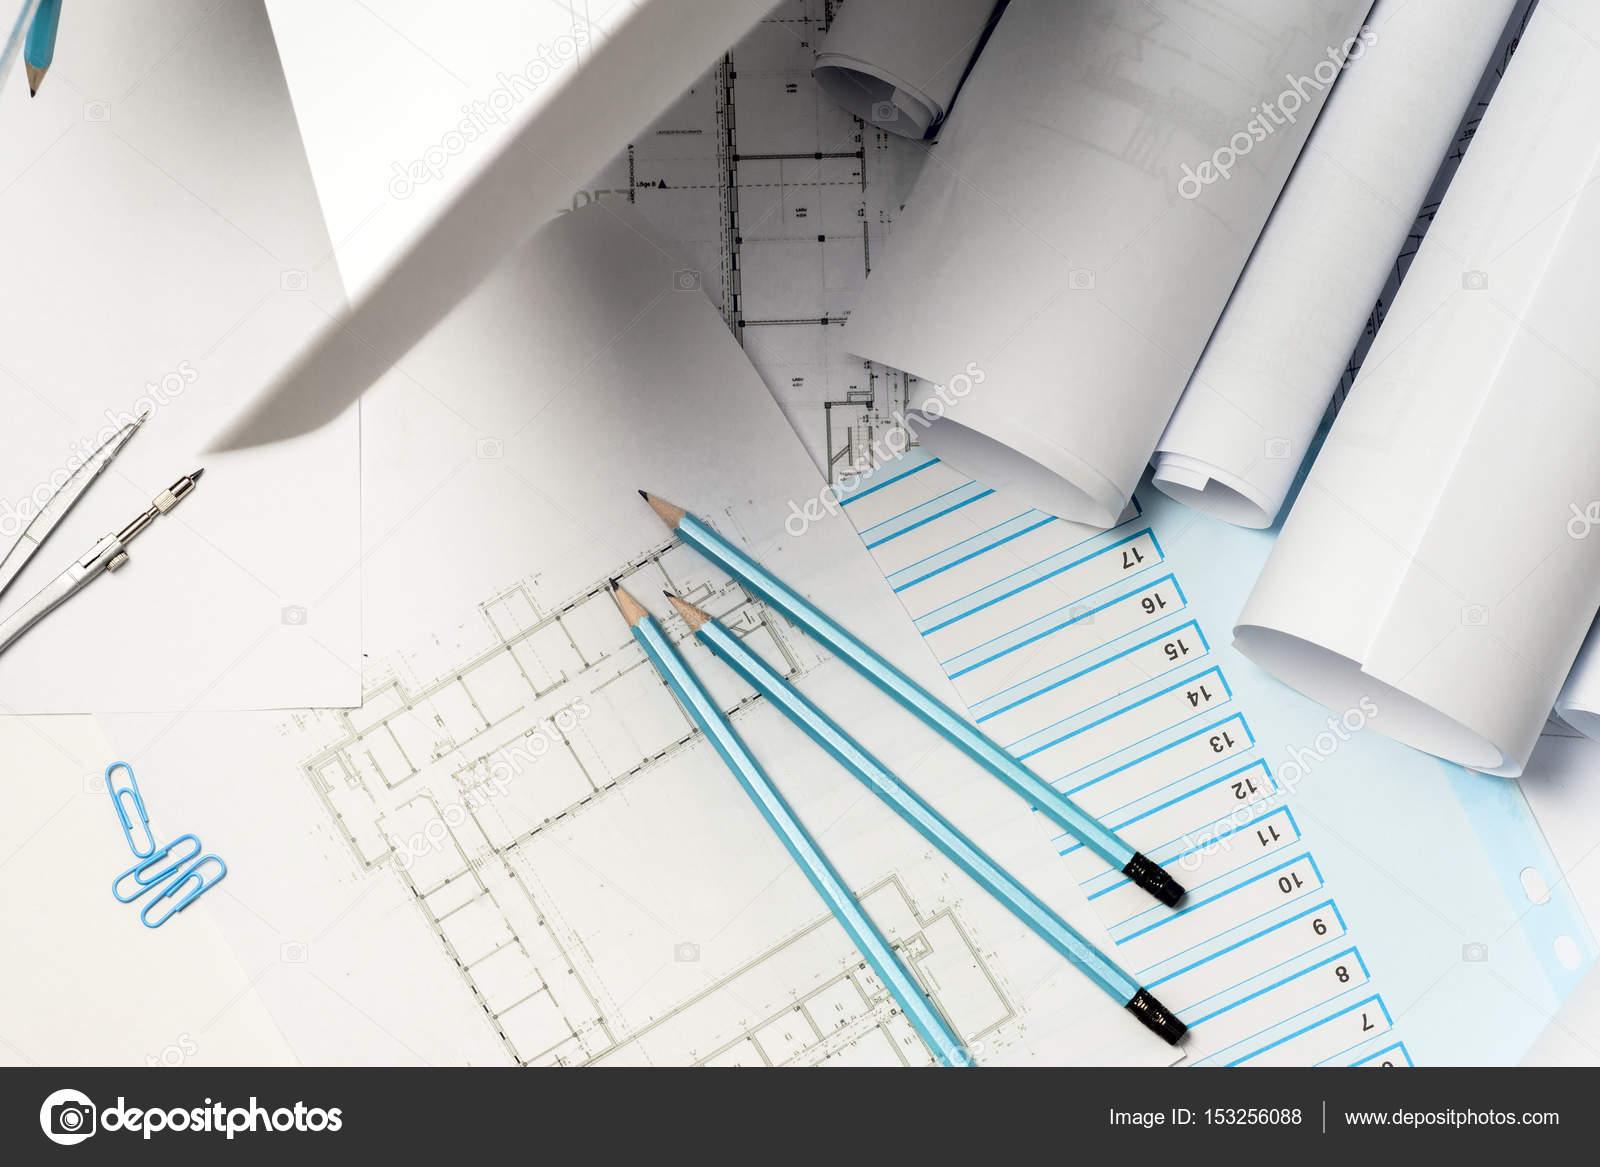 Superior Architekten Arbeiten Auf Entwurf. Architekten Arbeitsplatz    Architekturprojekt, Baupläne, Lineal Und Teiler Kompass. Baukonzept.  Engineering Tools.